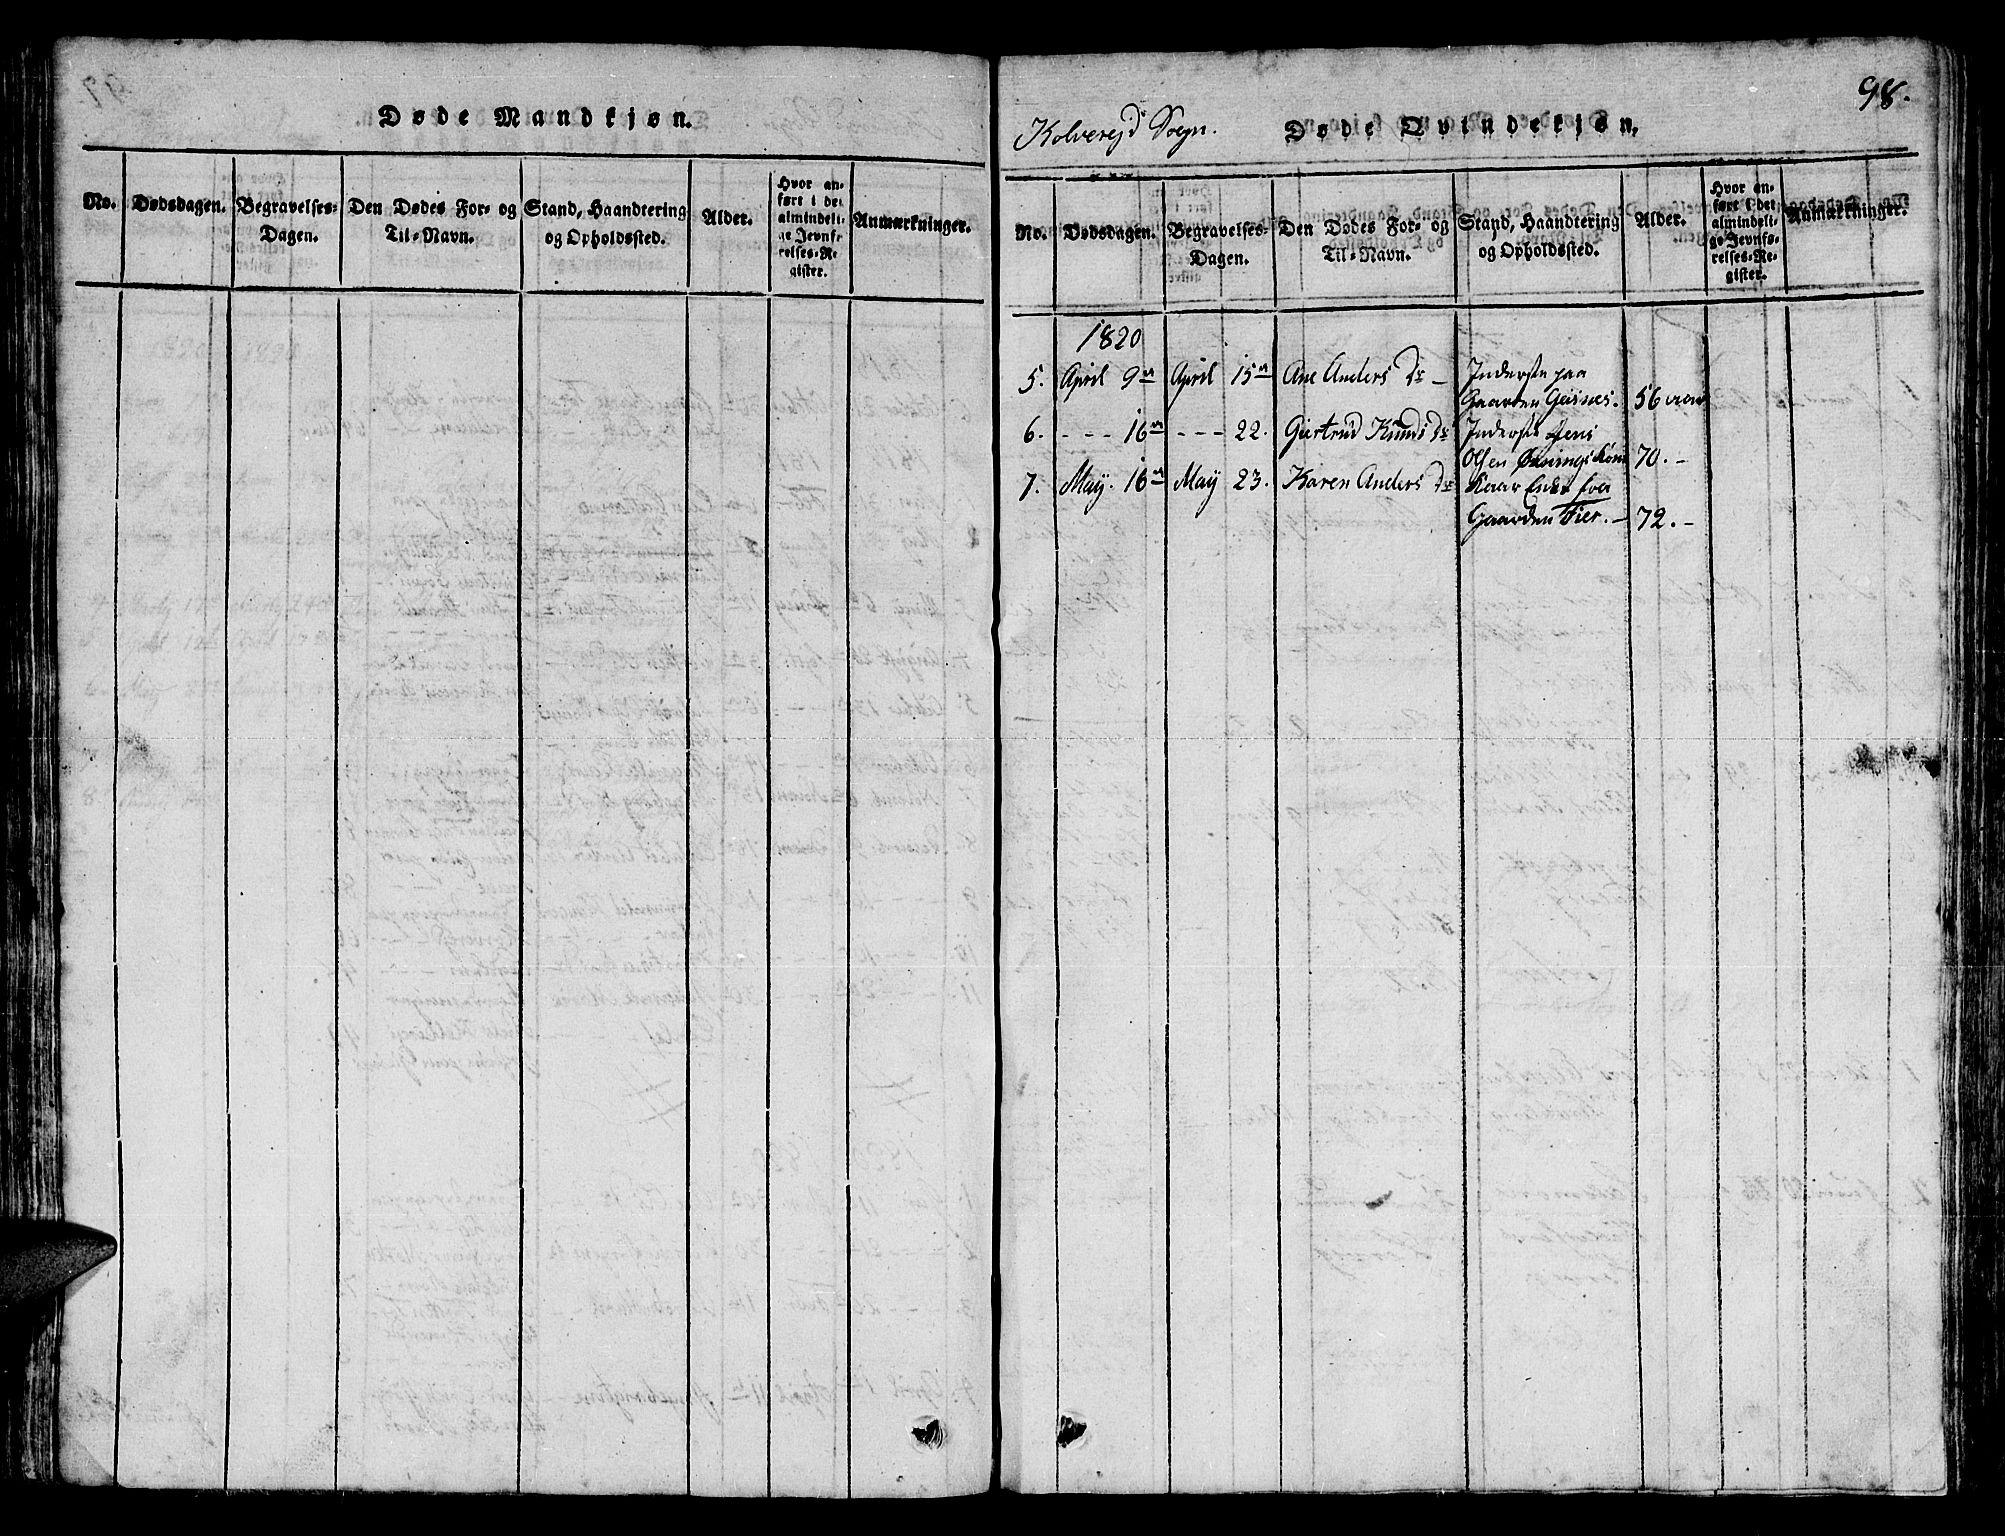 SAT, Ministerialprotokoller, klokkerbøker og fødselsregistre - Nord-Trøndelag, 780/L0648: Klokkerbok nr. 780C01 /1, 1815-1870, s. 98